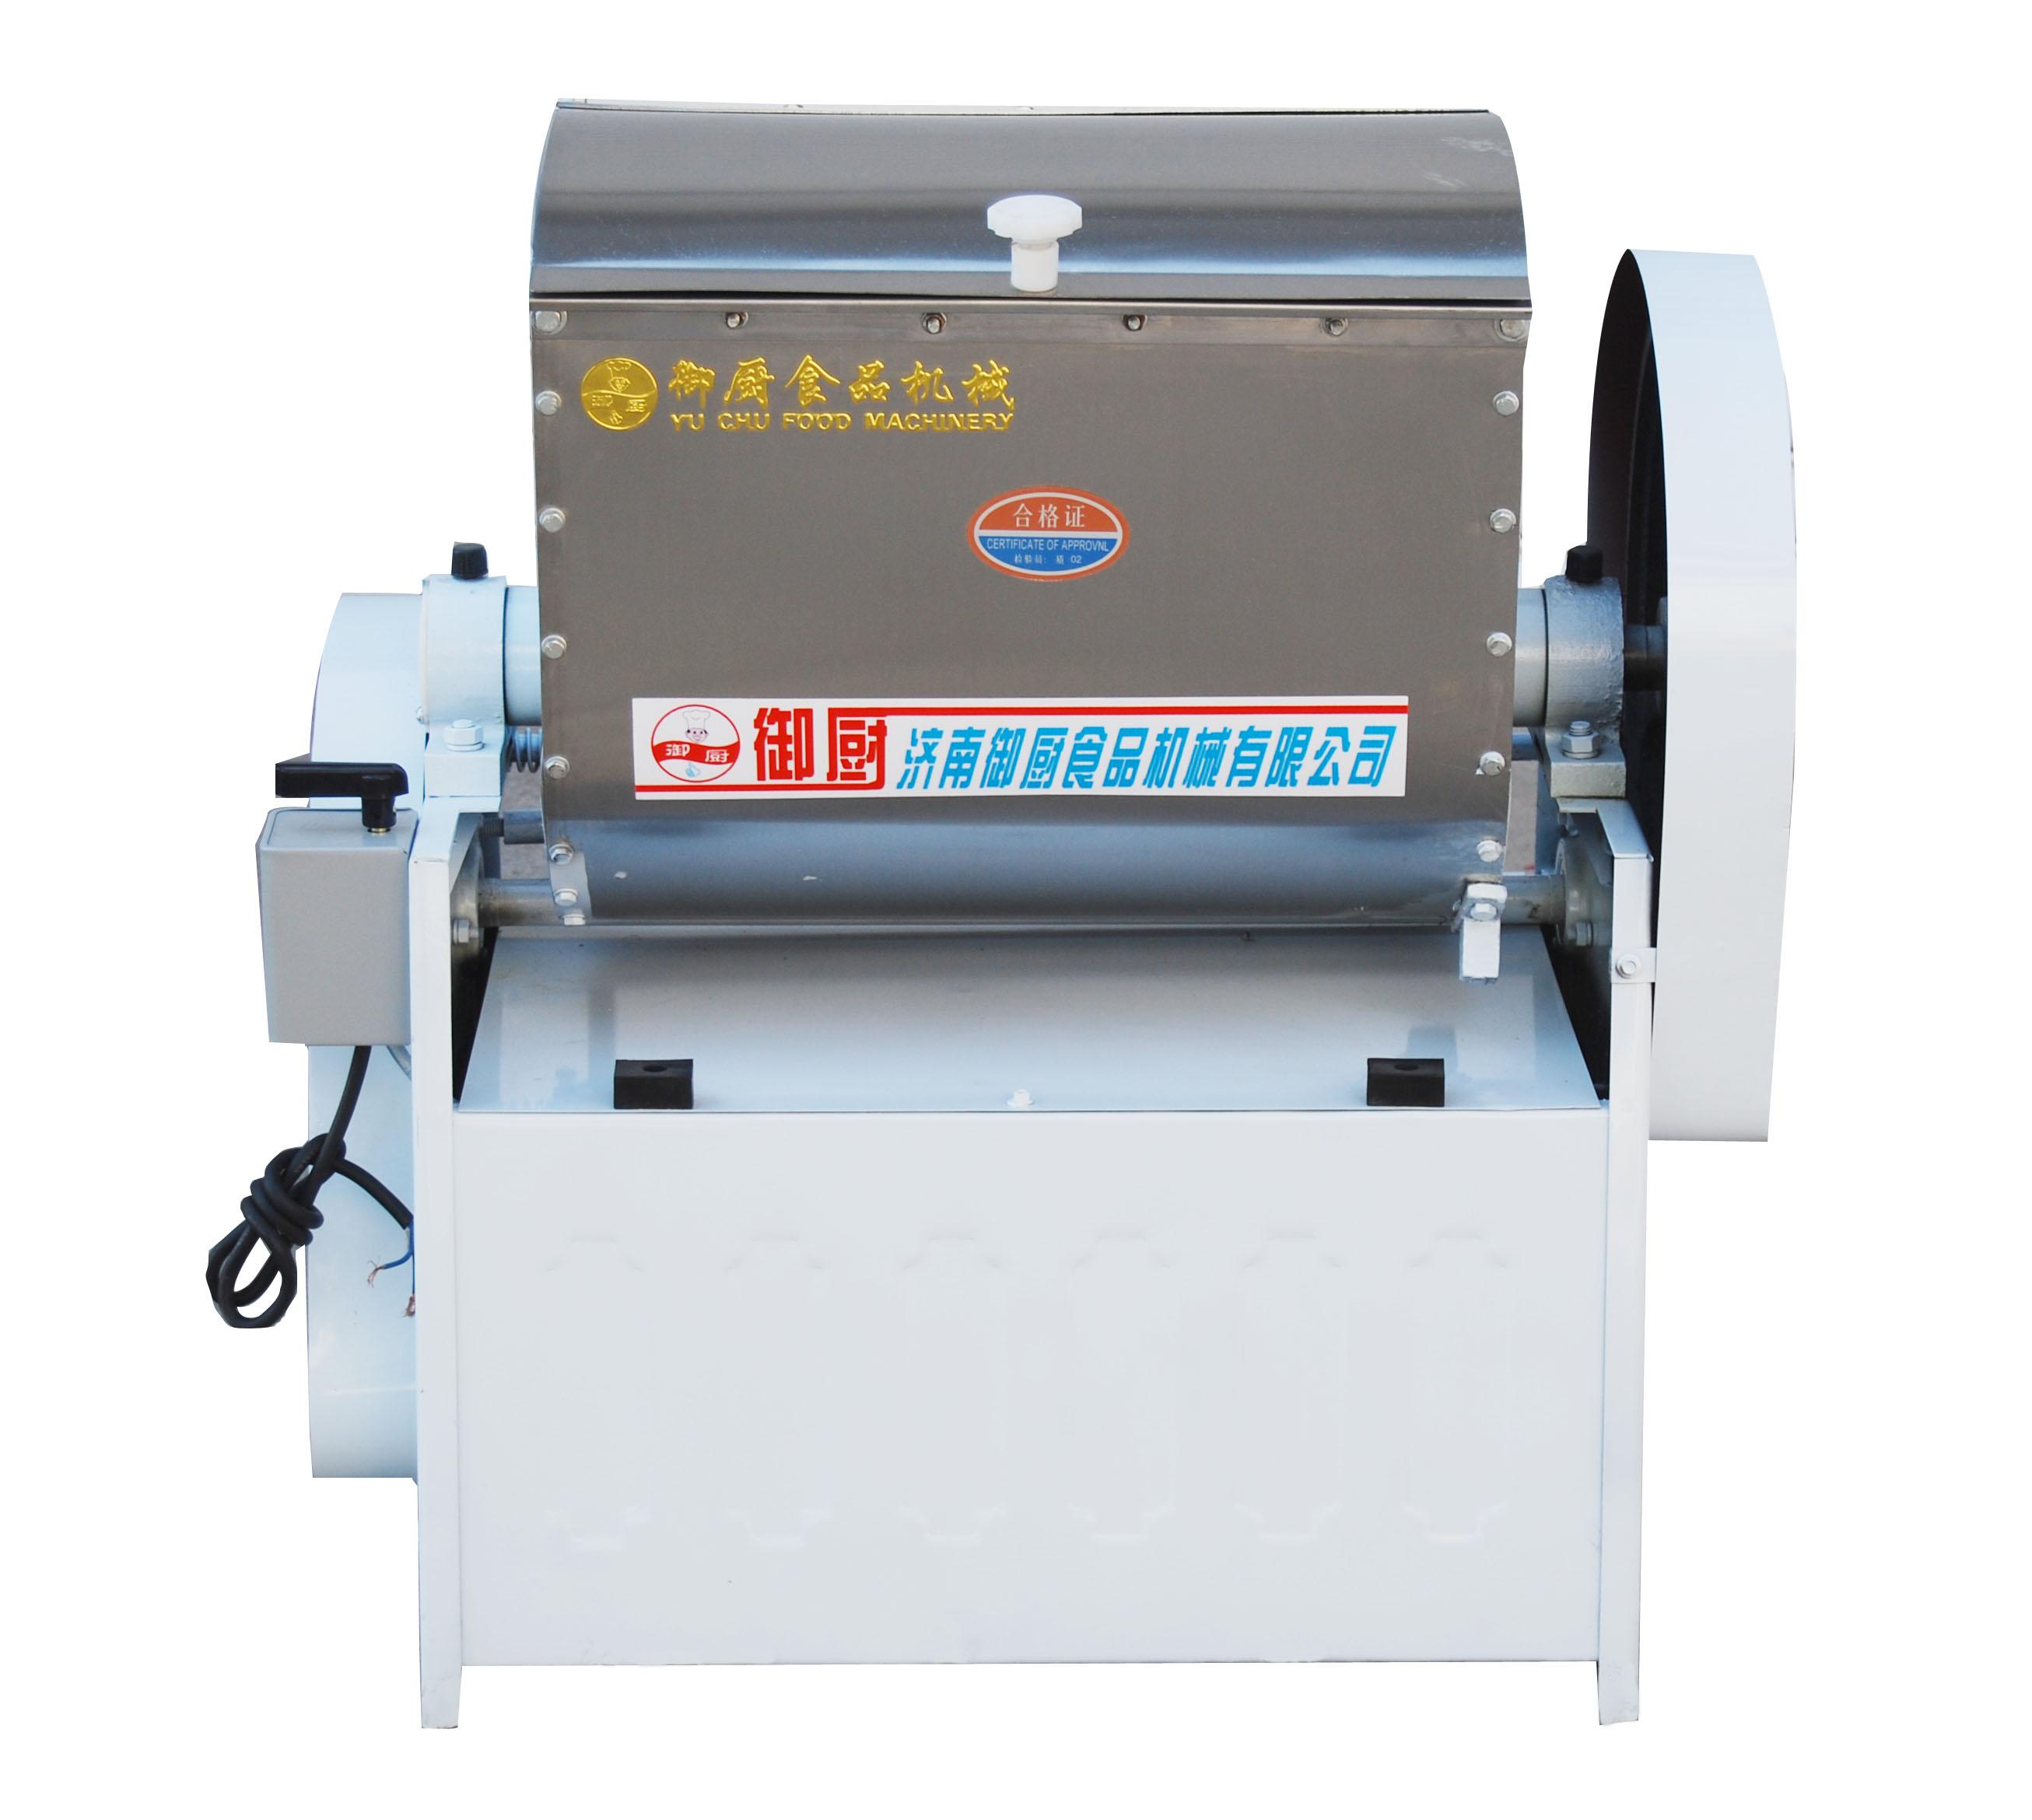 HWT25和面机 材质:内胆钢 一次和面量25kg (一袋面) 电压220v/380v 功率:2.2kw HWT25III型和面机: 和面机是面食加工的主要设备,它主要用于将小麦粉与水按1:0.38-0.45的比例,根据用户加工工艺要求(有时加石油,食糖及其他食物和食品添加剂)混合制成面团,广泛适用于食堂,饭店及面食加工单位的面食加工,是替代手工,降低劳动强度,满足人民饮食卫生要求的理想设备,也可用于其他同类物料的搅拌和混合. 供应 脚踩式翻斗不锈钢和面机揉面机面粉搅拌机设备 厂家直销HWY50 和面机是